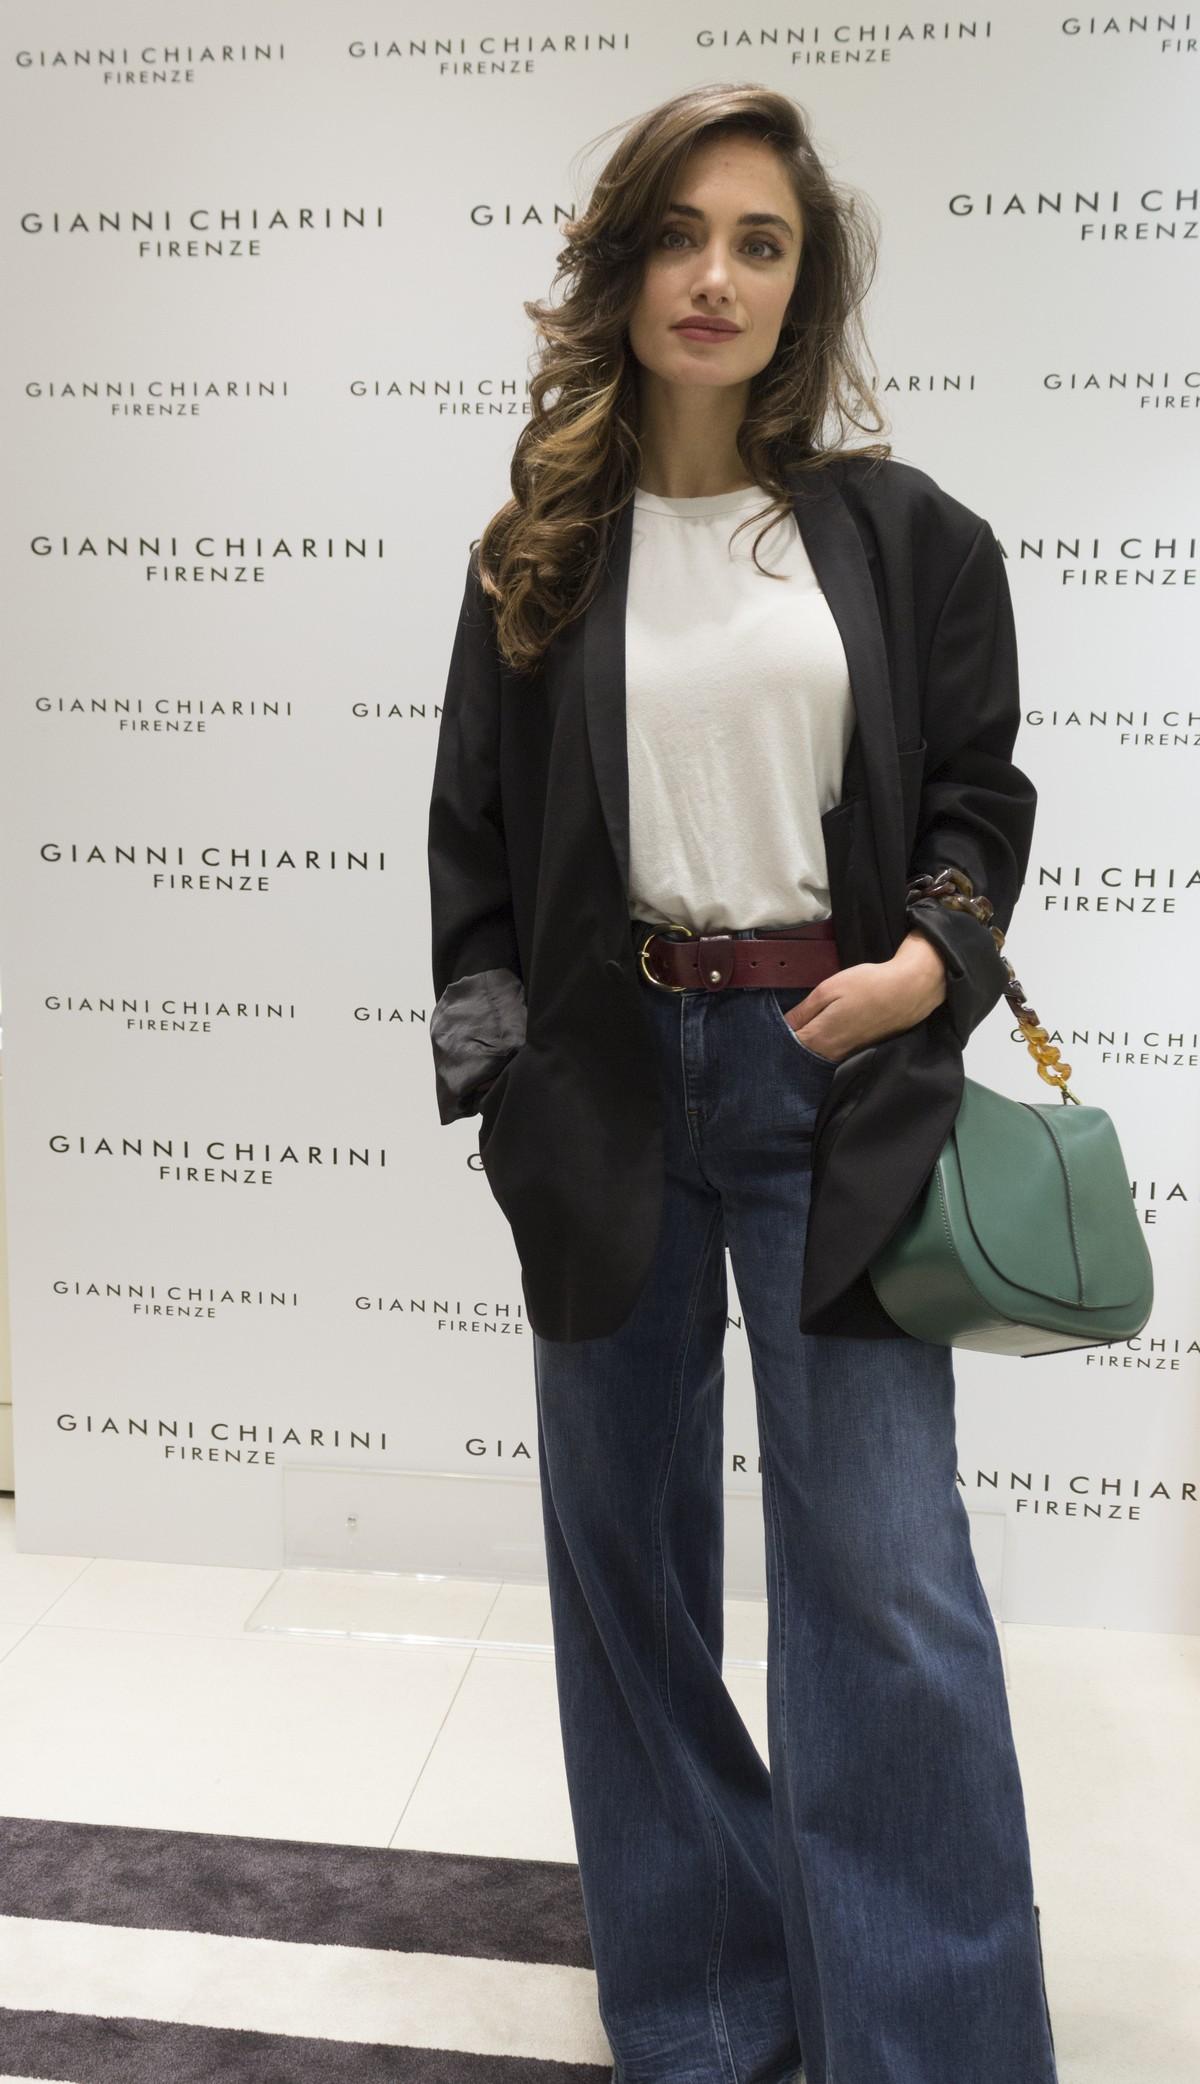 Gianni Chiarini negozio Milano